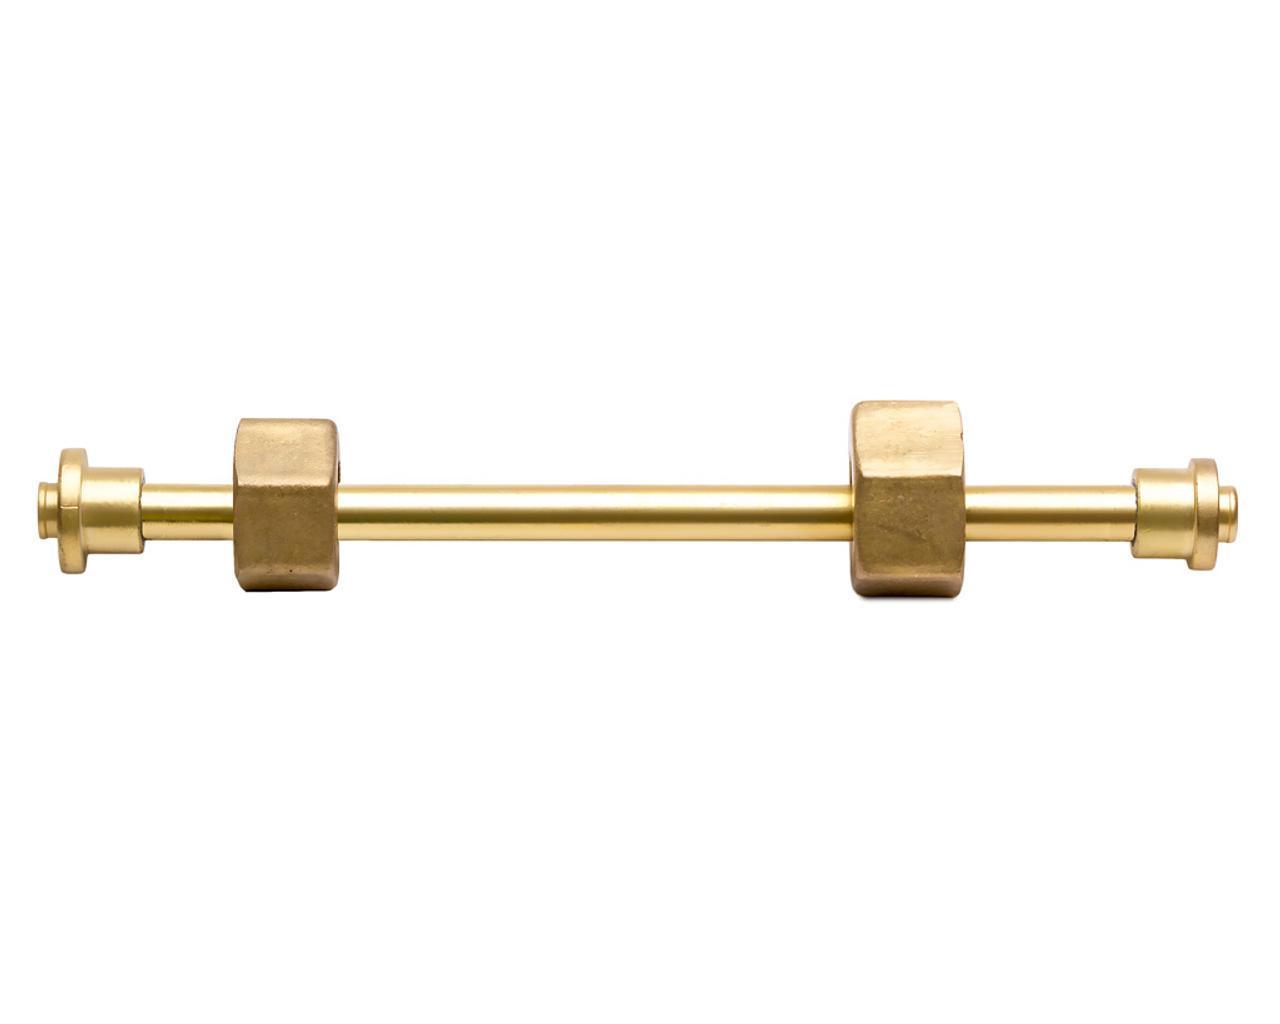 Устройство заправочное, длина фланца 200 мм, гайки G-3/4-G-3/4 Краматорск